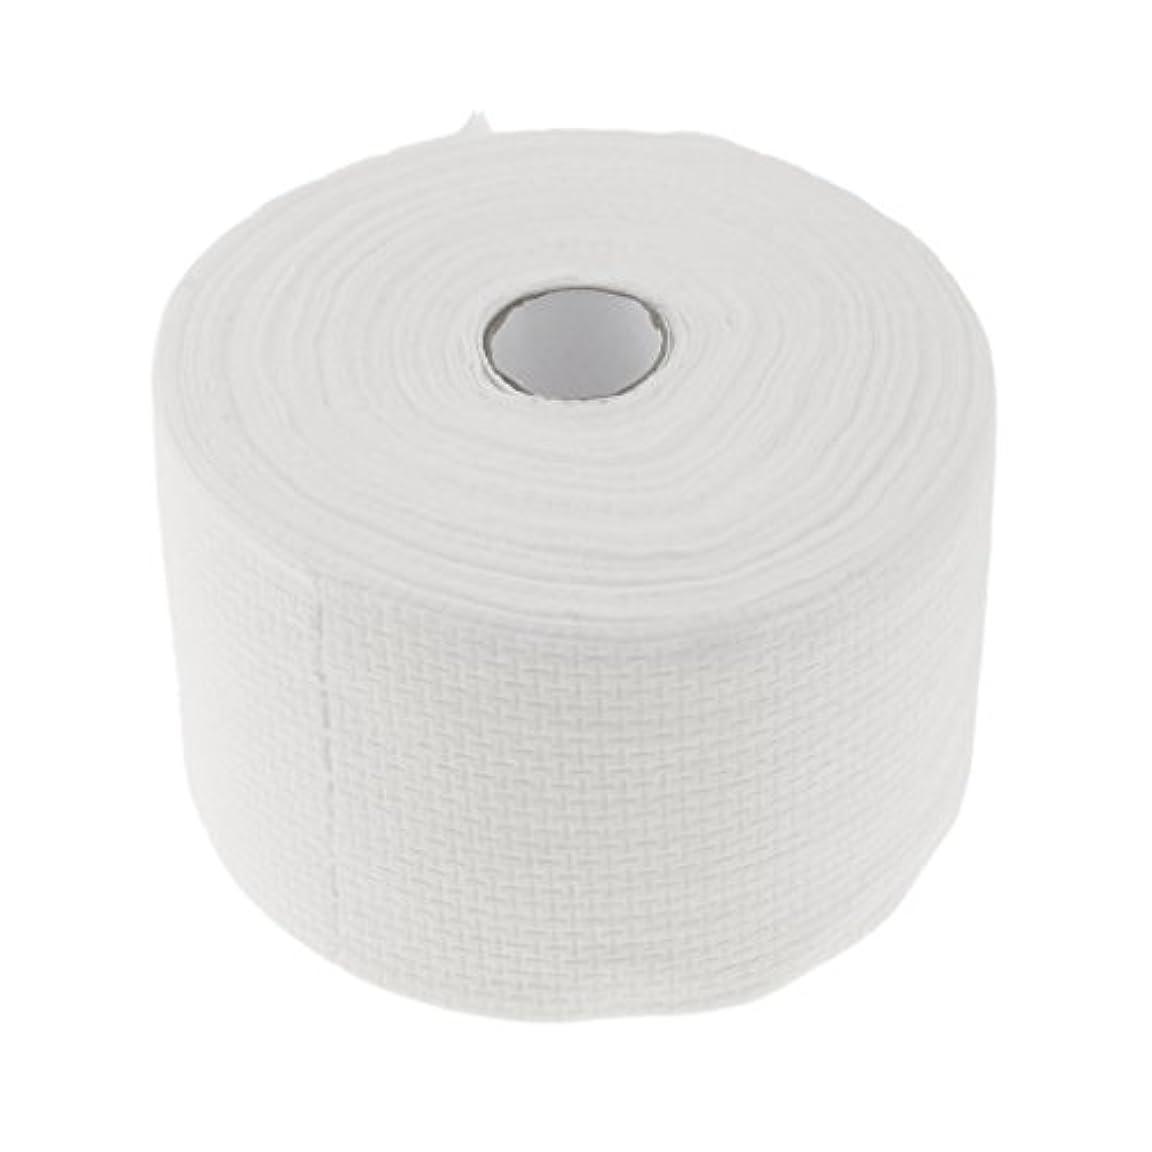 翻訳者自然毛布Perfk 使い捨てタオル ロール式 洗顔タオル 30M コットン 快適 便利 家庭用 サロン 2タイプ選べる - #1